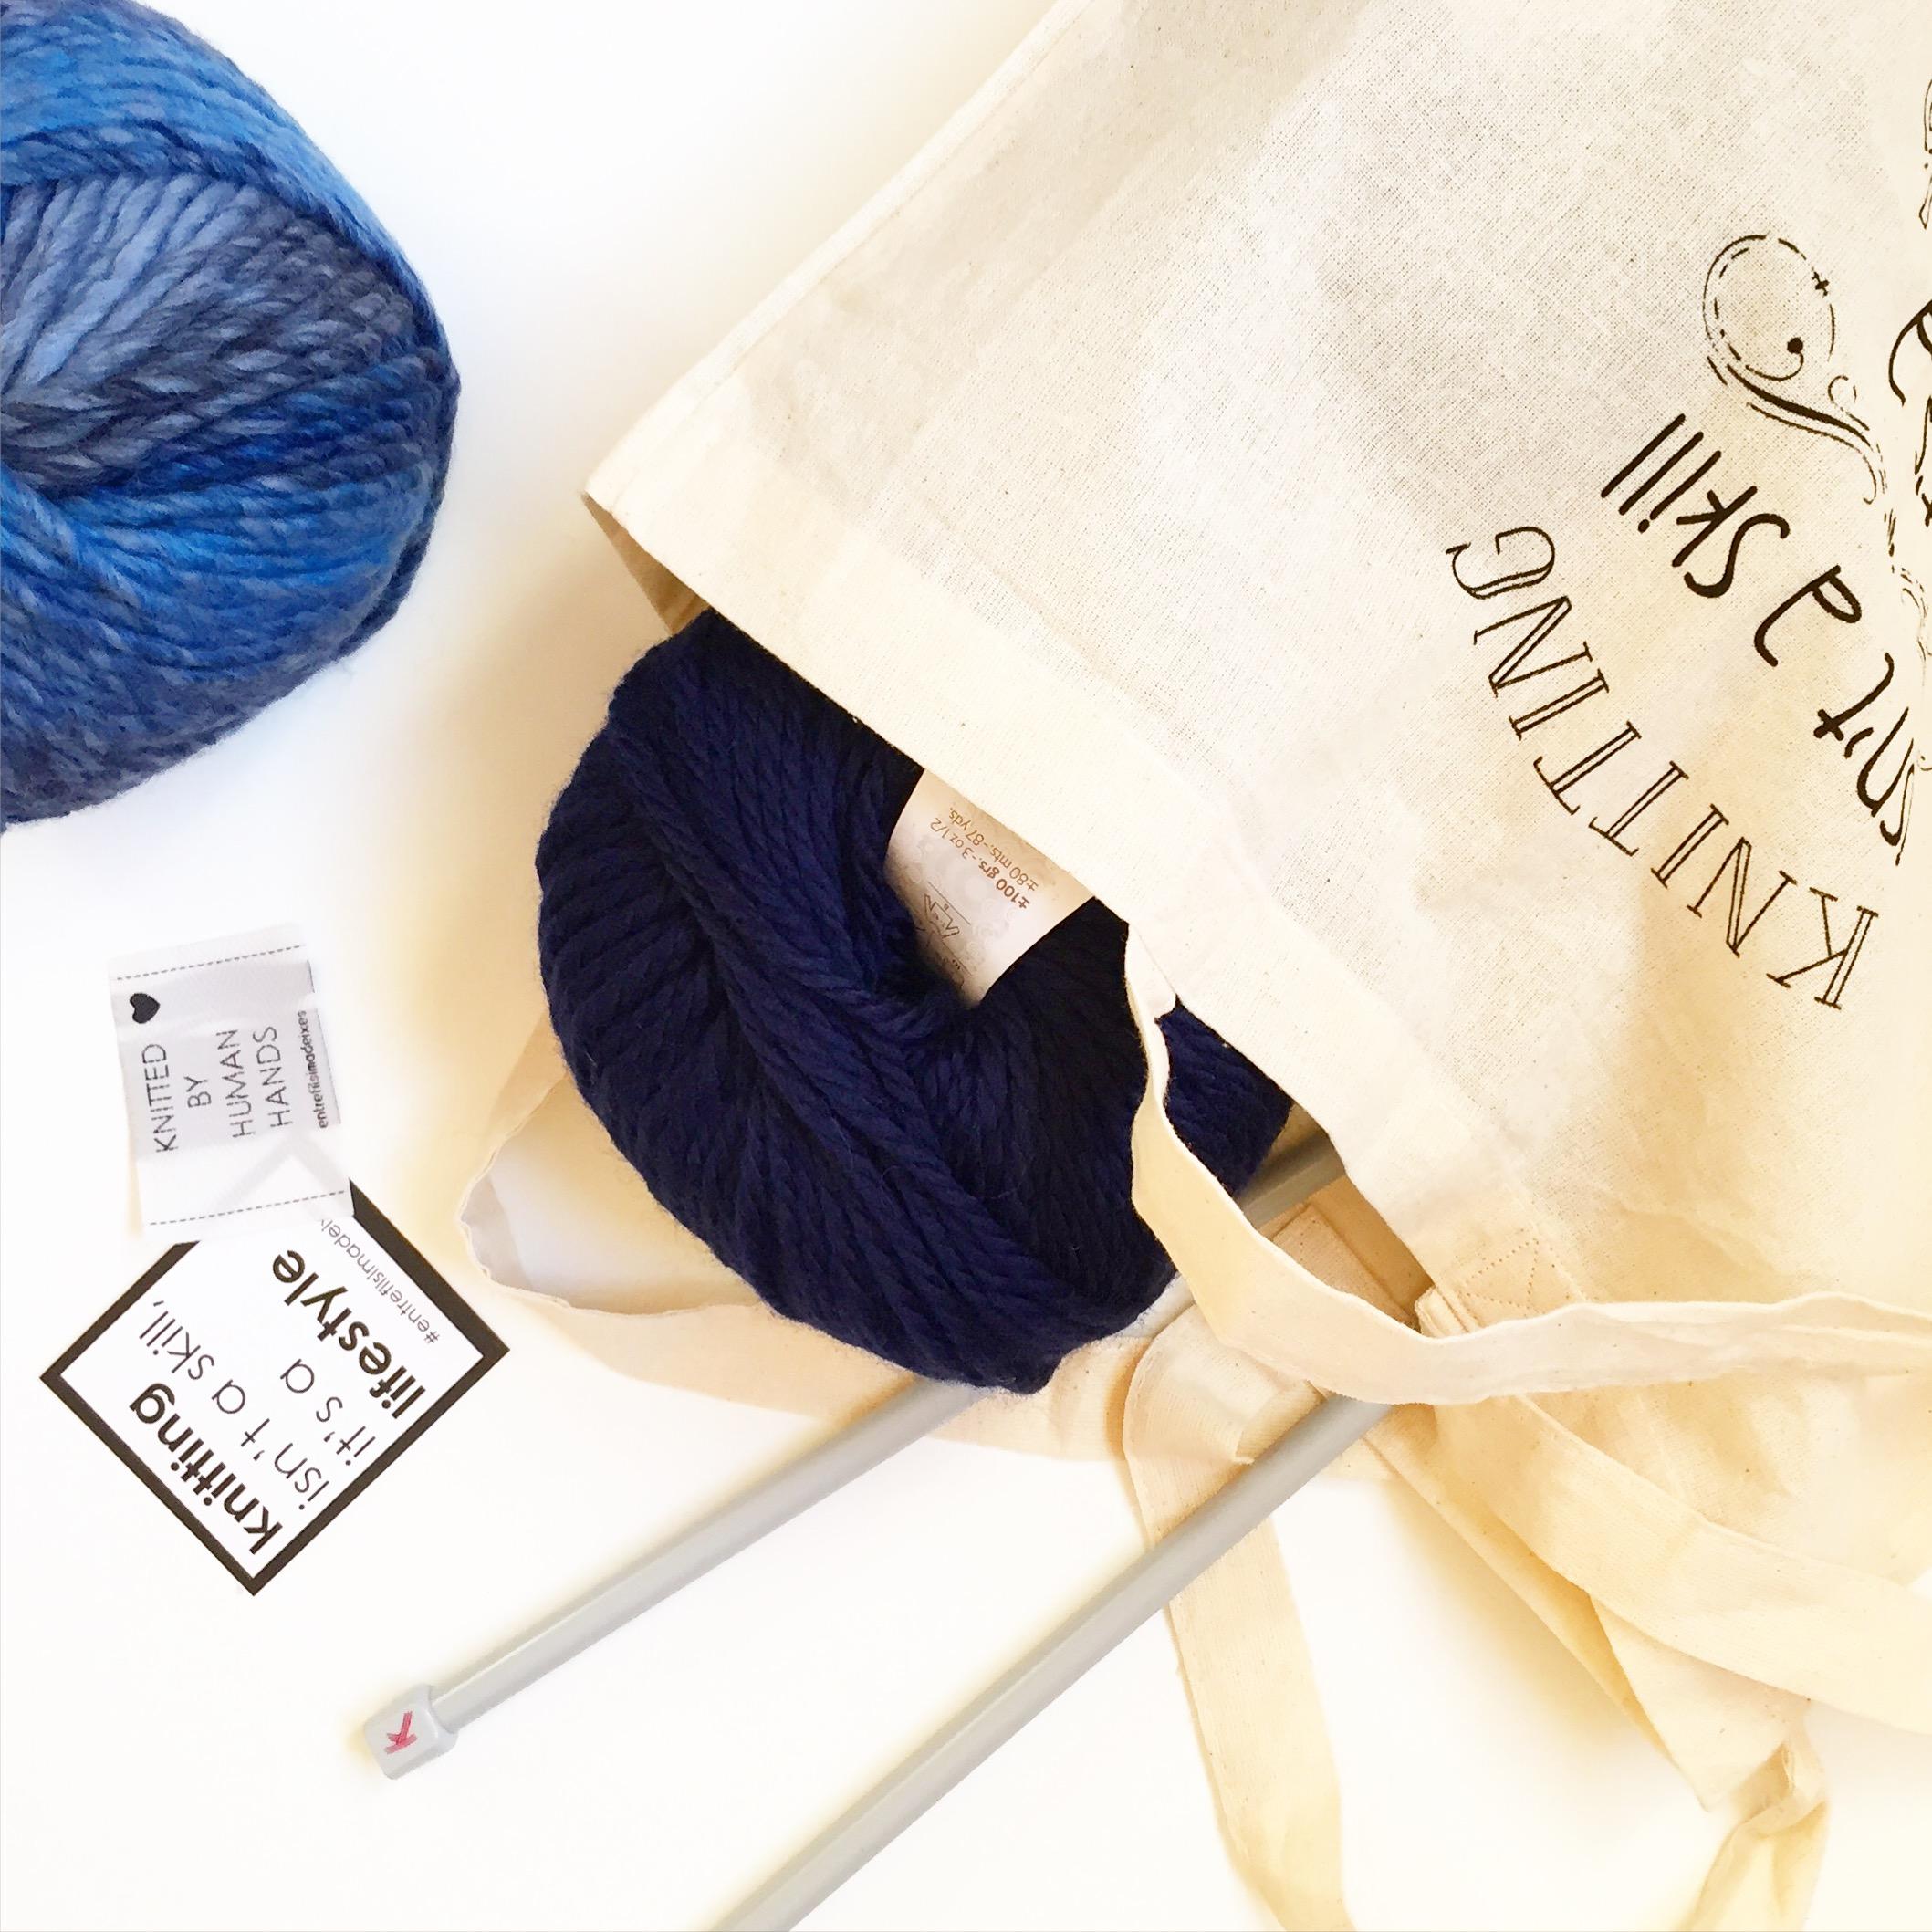 Ovillos de lana + Tote bag Entrefilsimadeixes